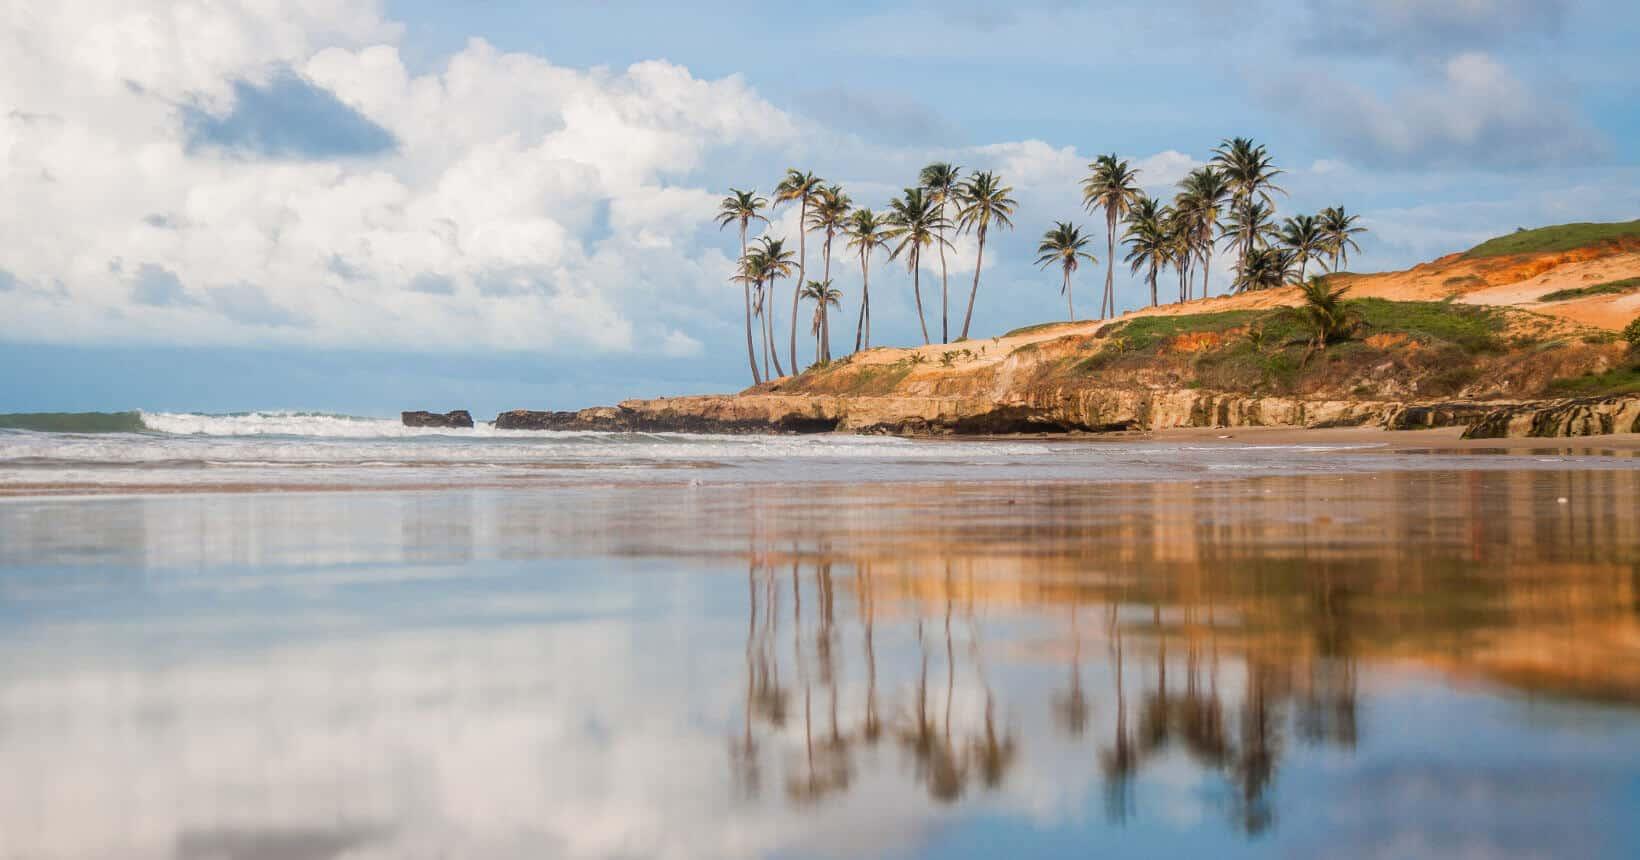 Praias - Conheça algumas dessas belezas do nosso país